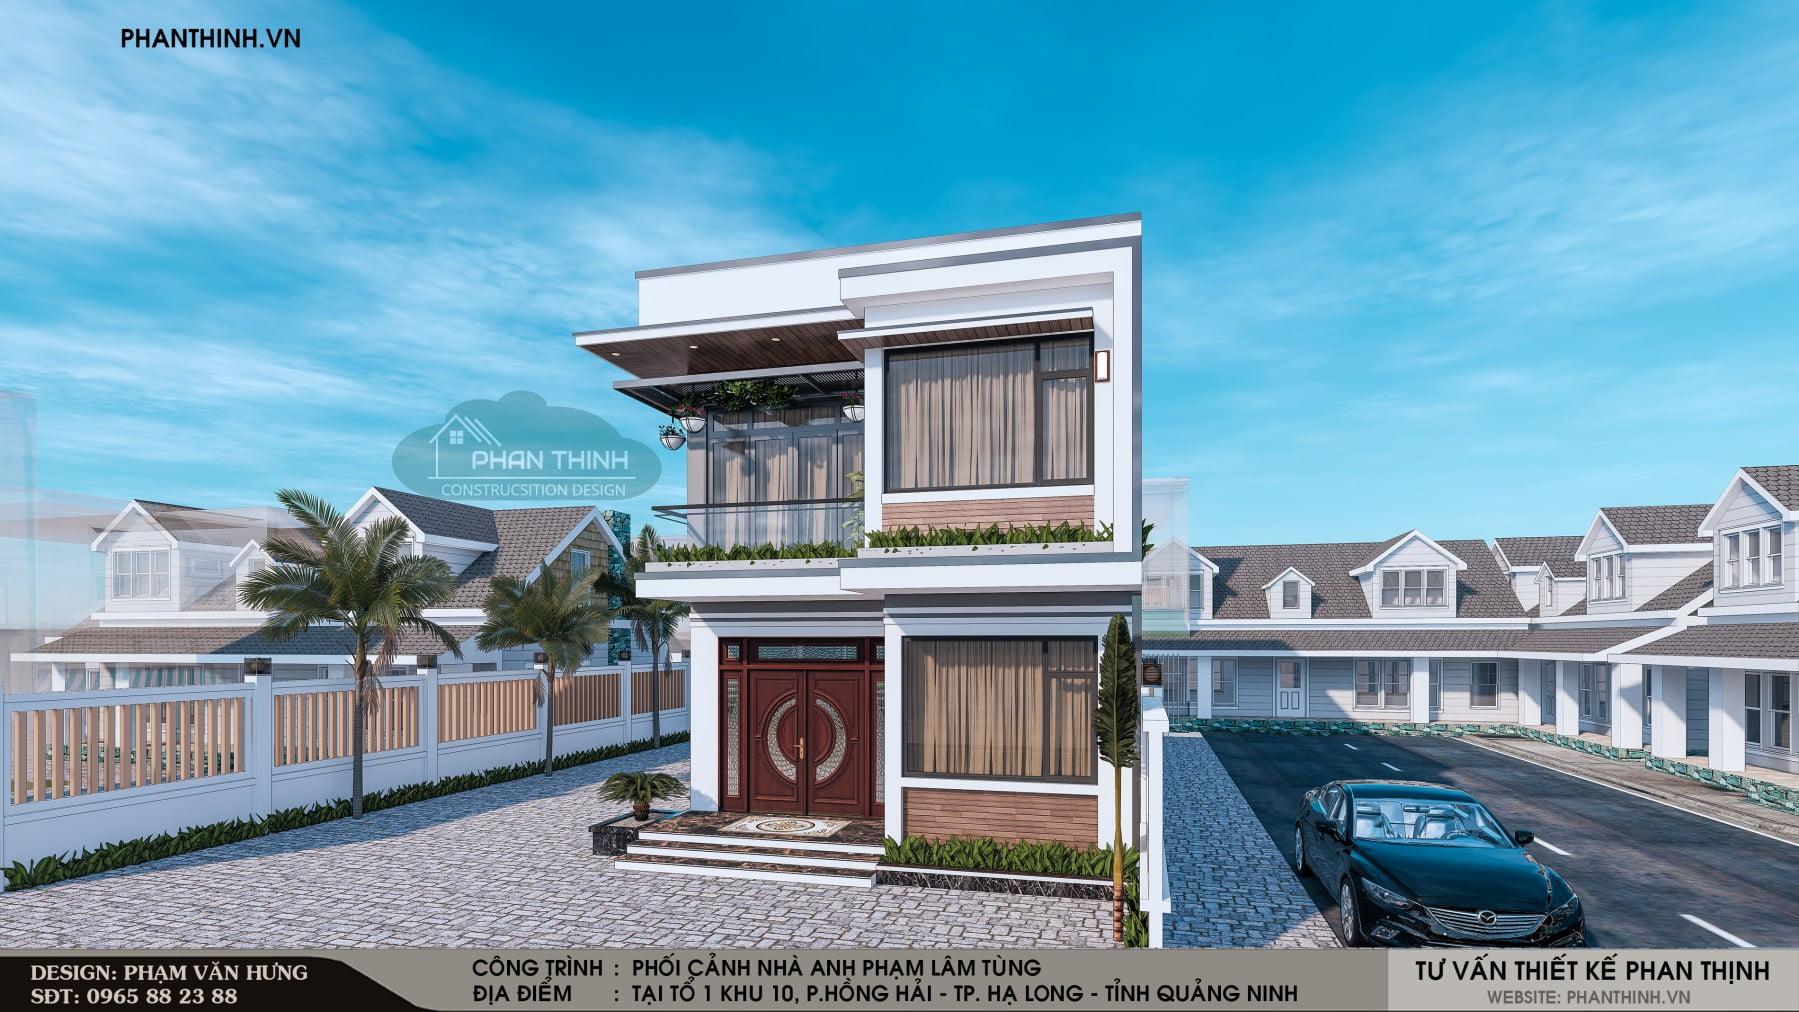 Thiết kế mặt tiền của căn nhà phố 2 tầng 2 mặt tiền hiện đại tại Quảng Ninh